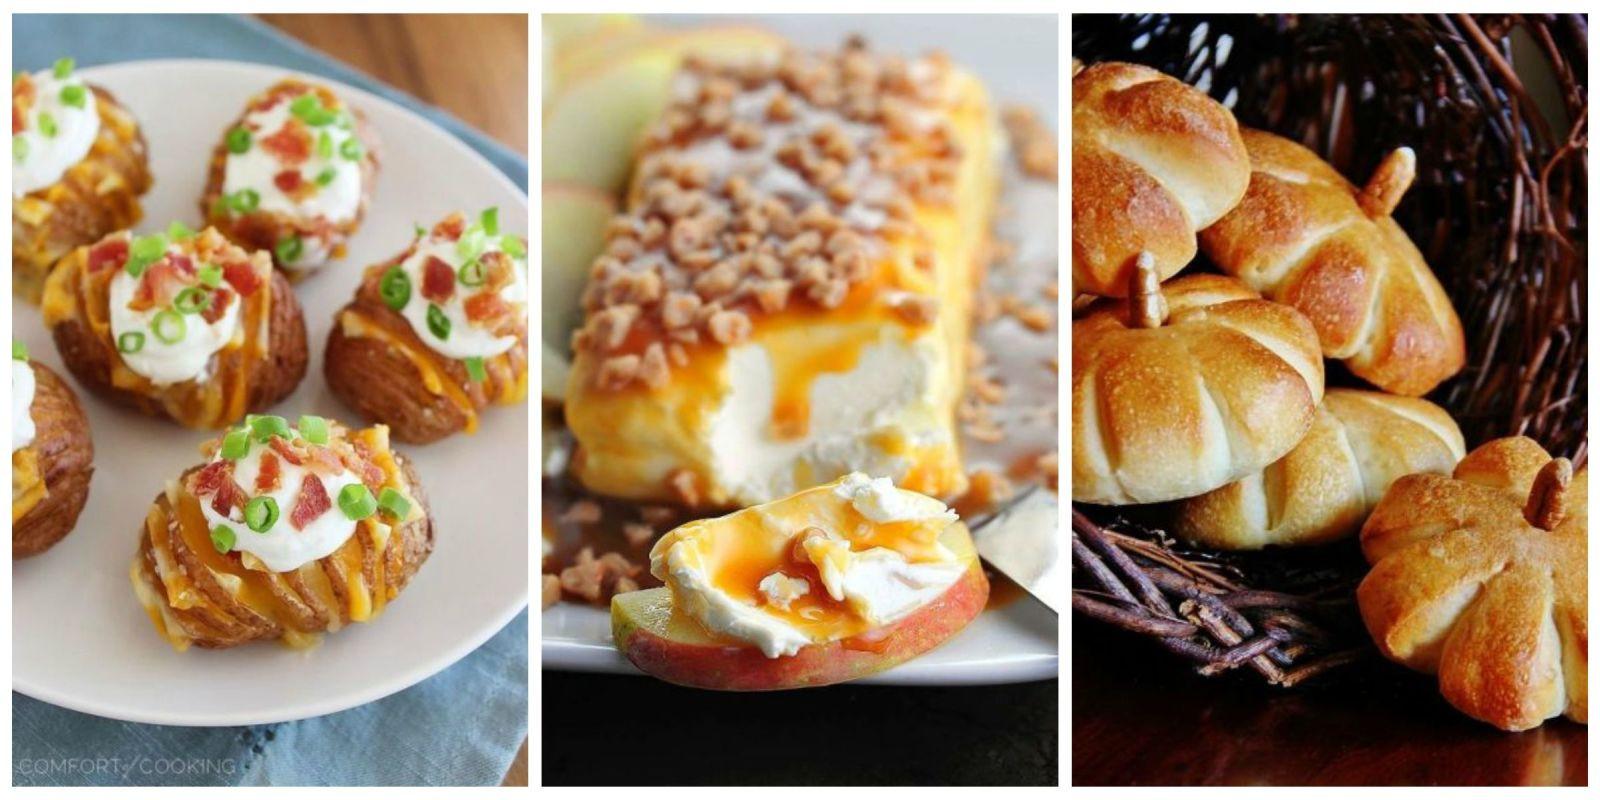 Appetizers For Thanksgiving Dinner Easy  34 Easy Thanksgiving Appetizers Best Recipes for